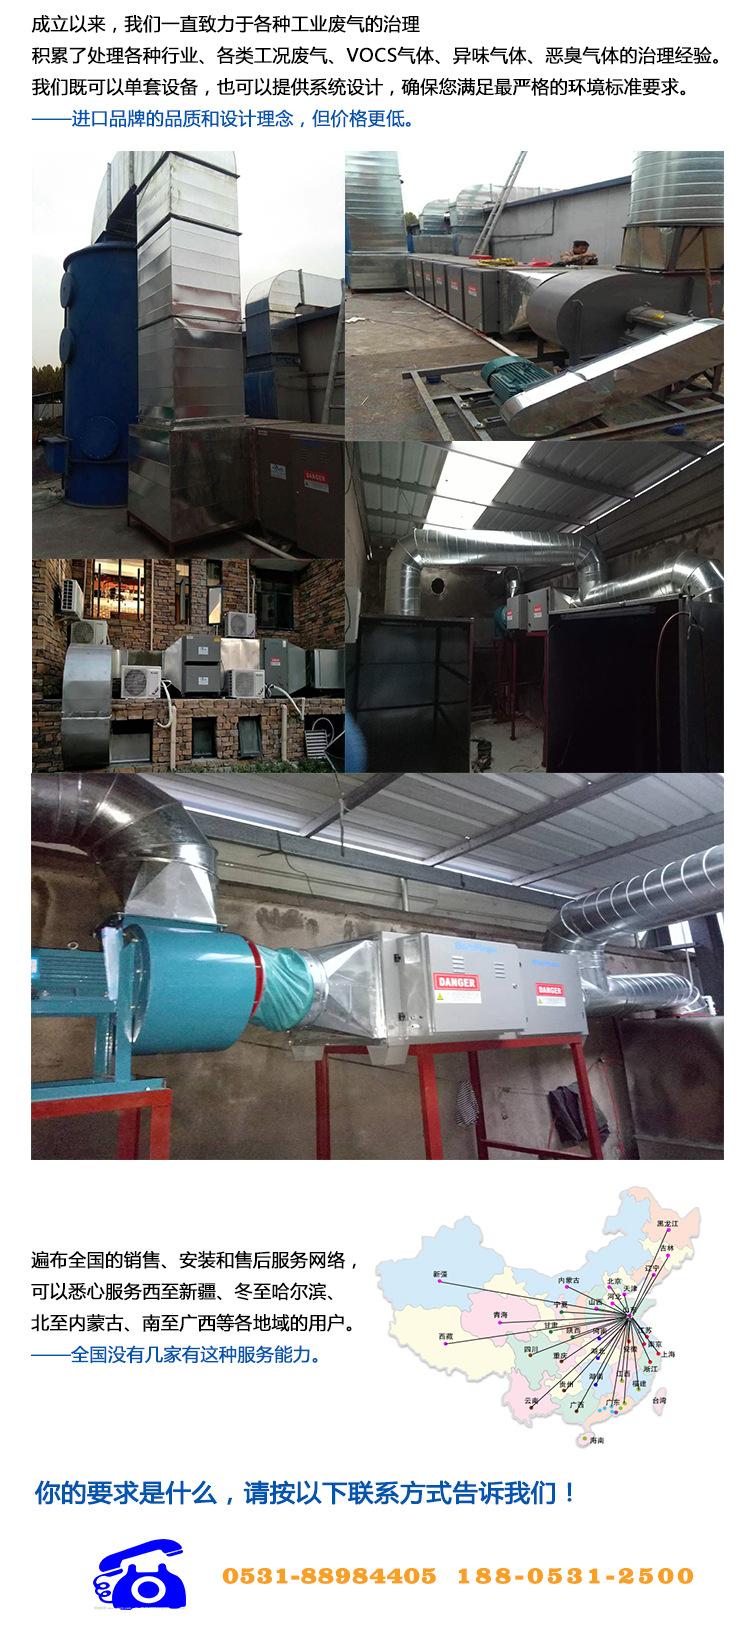 辽宁车间voc废气处理设备厂家,为什么选择锦州草木绿——工程案例丰富,服务能力强